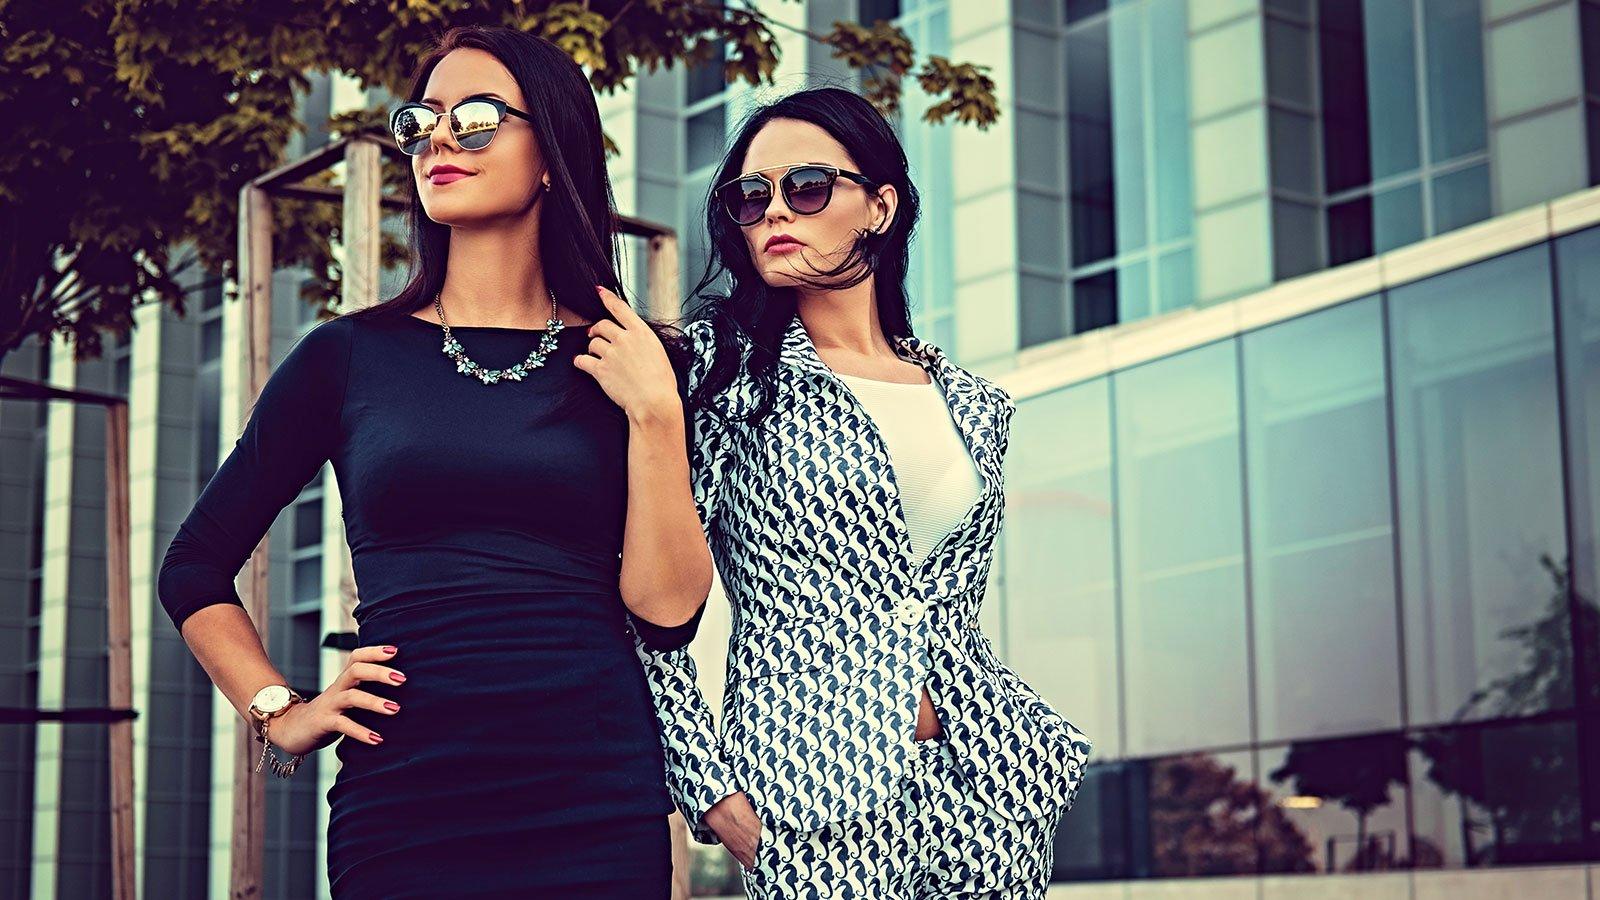 una donna con un vestito di color nero e un'altra donna con un completo di color bianco e nero